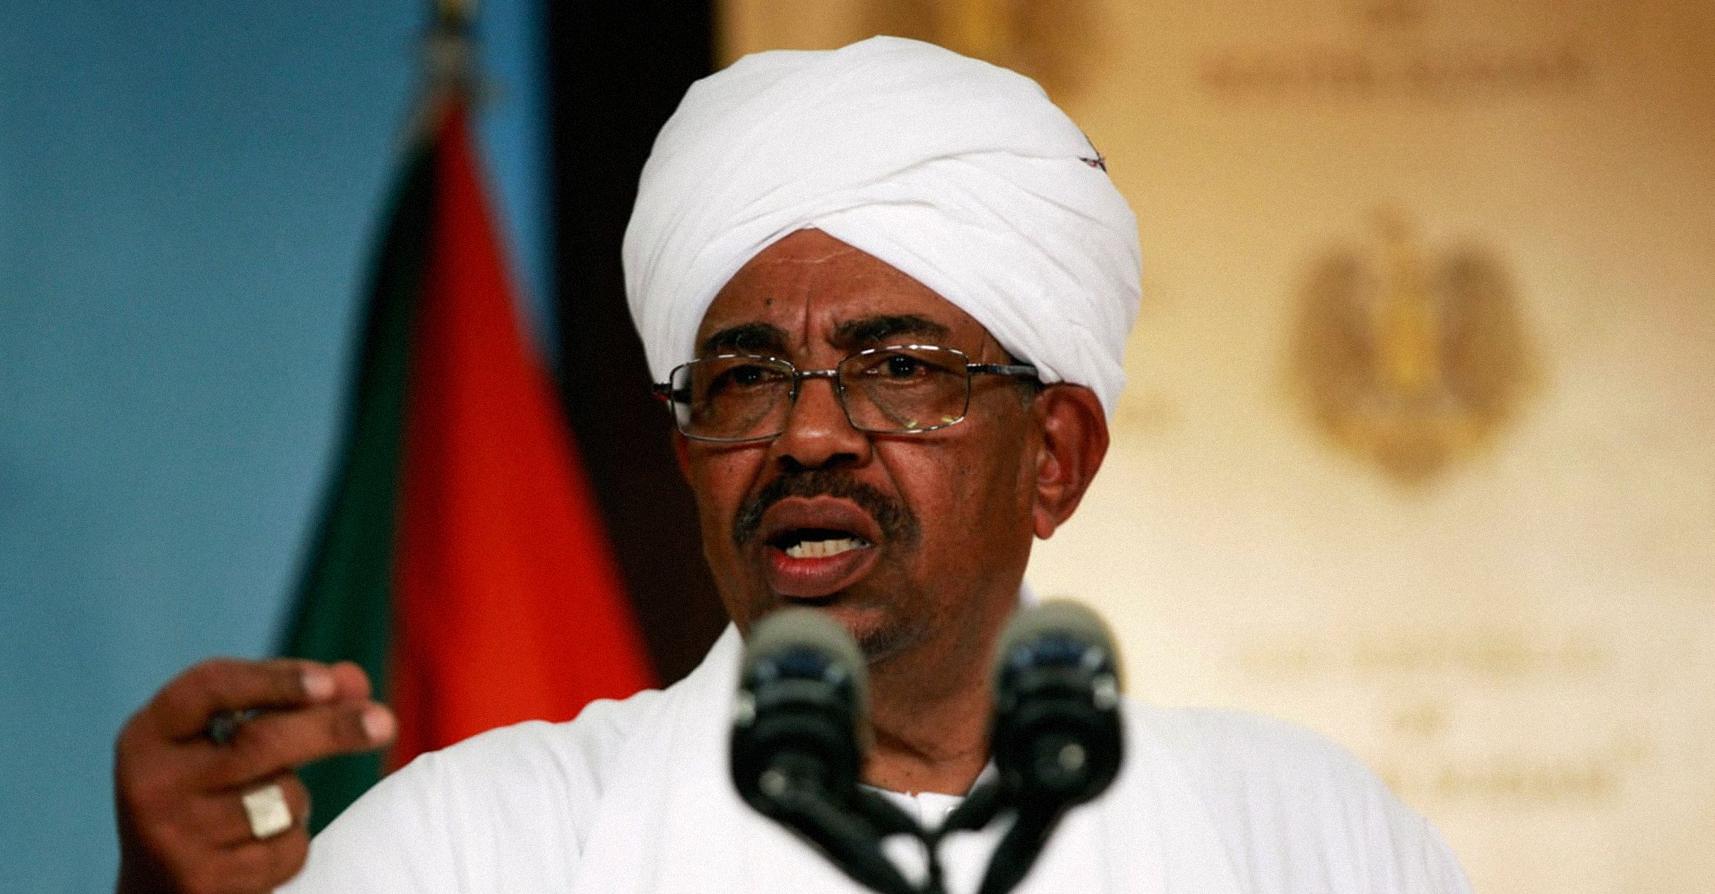 صورة البشير يُذكِّر المحتجِّين أن بامكانهم الاستقلال عن السودان إذا لم تعُد أوضاعهم تعجبهم